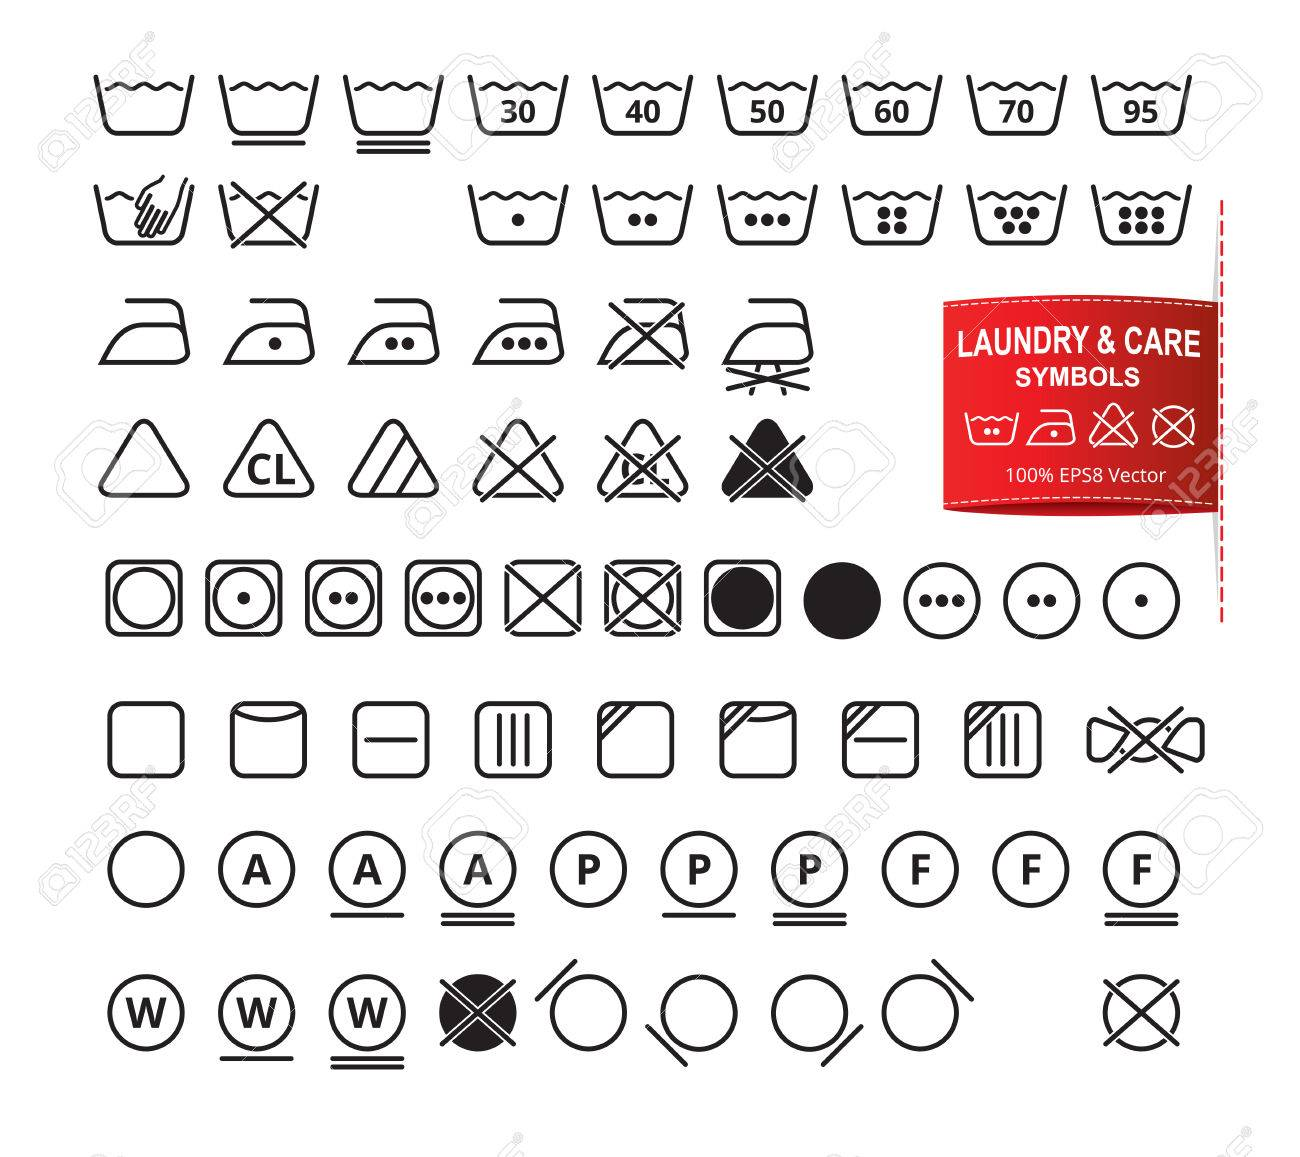 Icon set of laundry symbols in modern thin line flat design style icon set of laundry symbols in modern thin line flat design style clothing washing buycottarizona